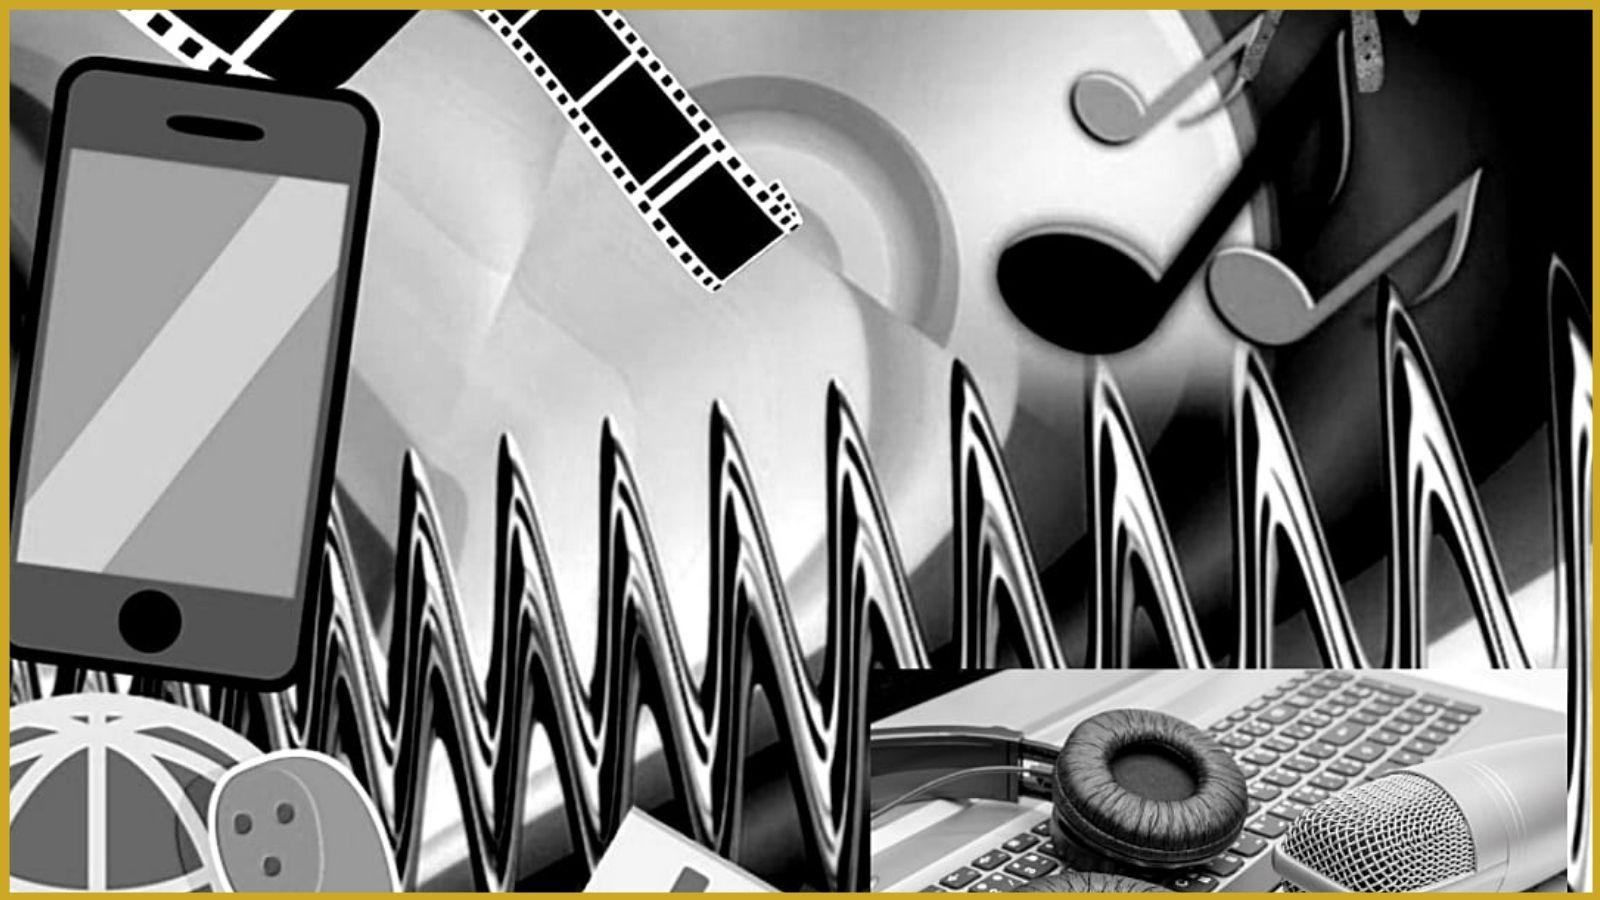 Verschiedene Audio- und Video-Elemente auf einem Bild, passend zum Kontext.